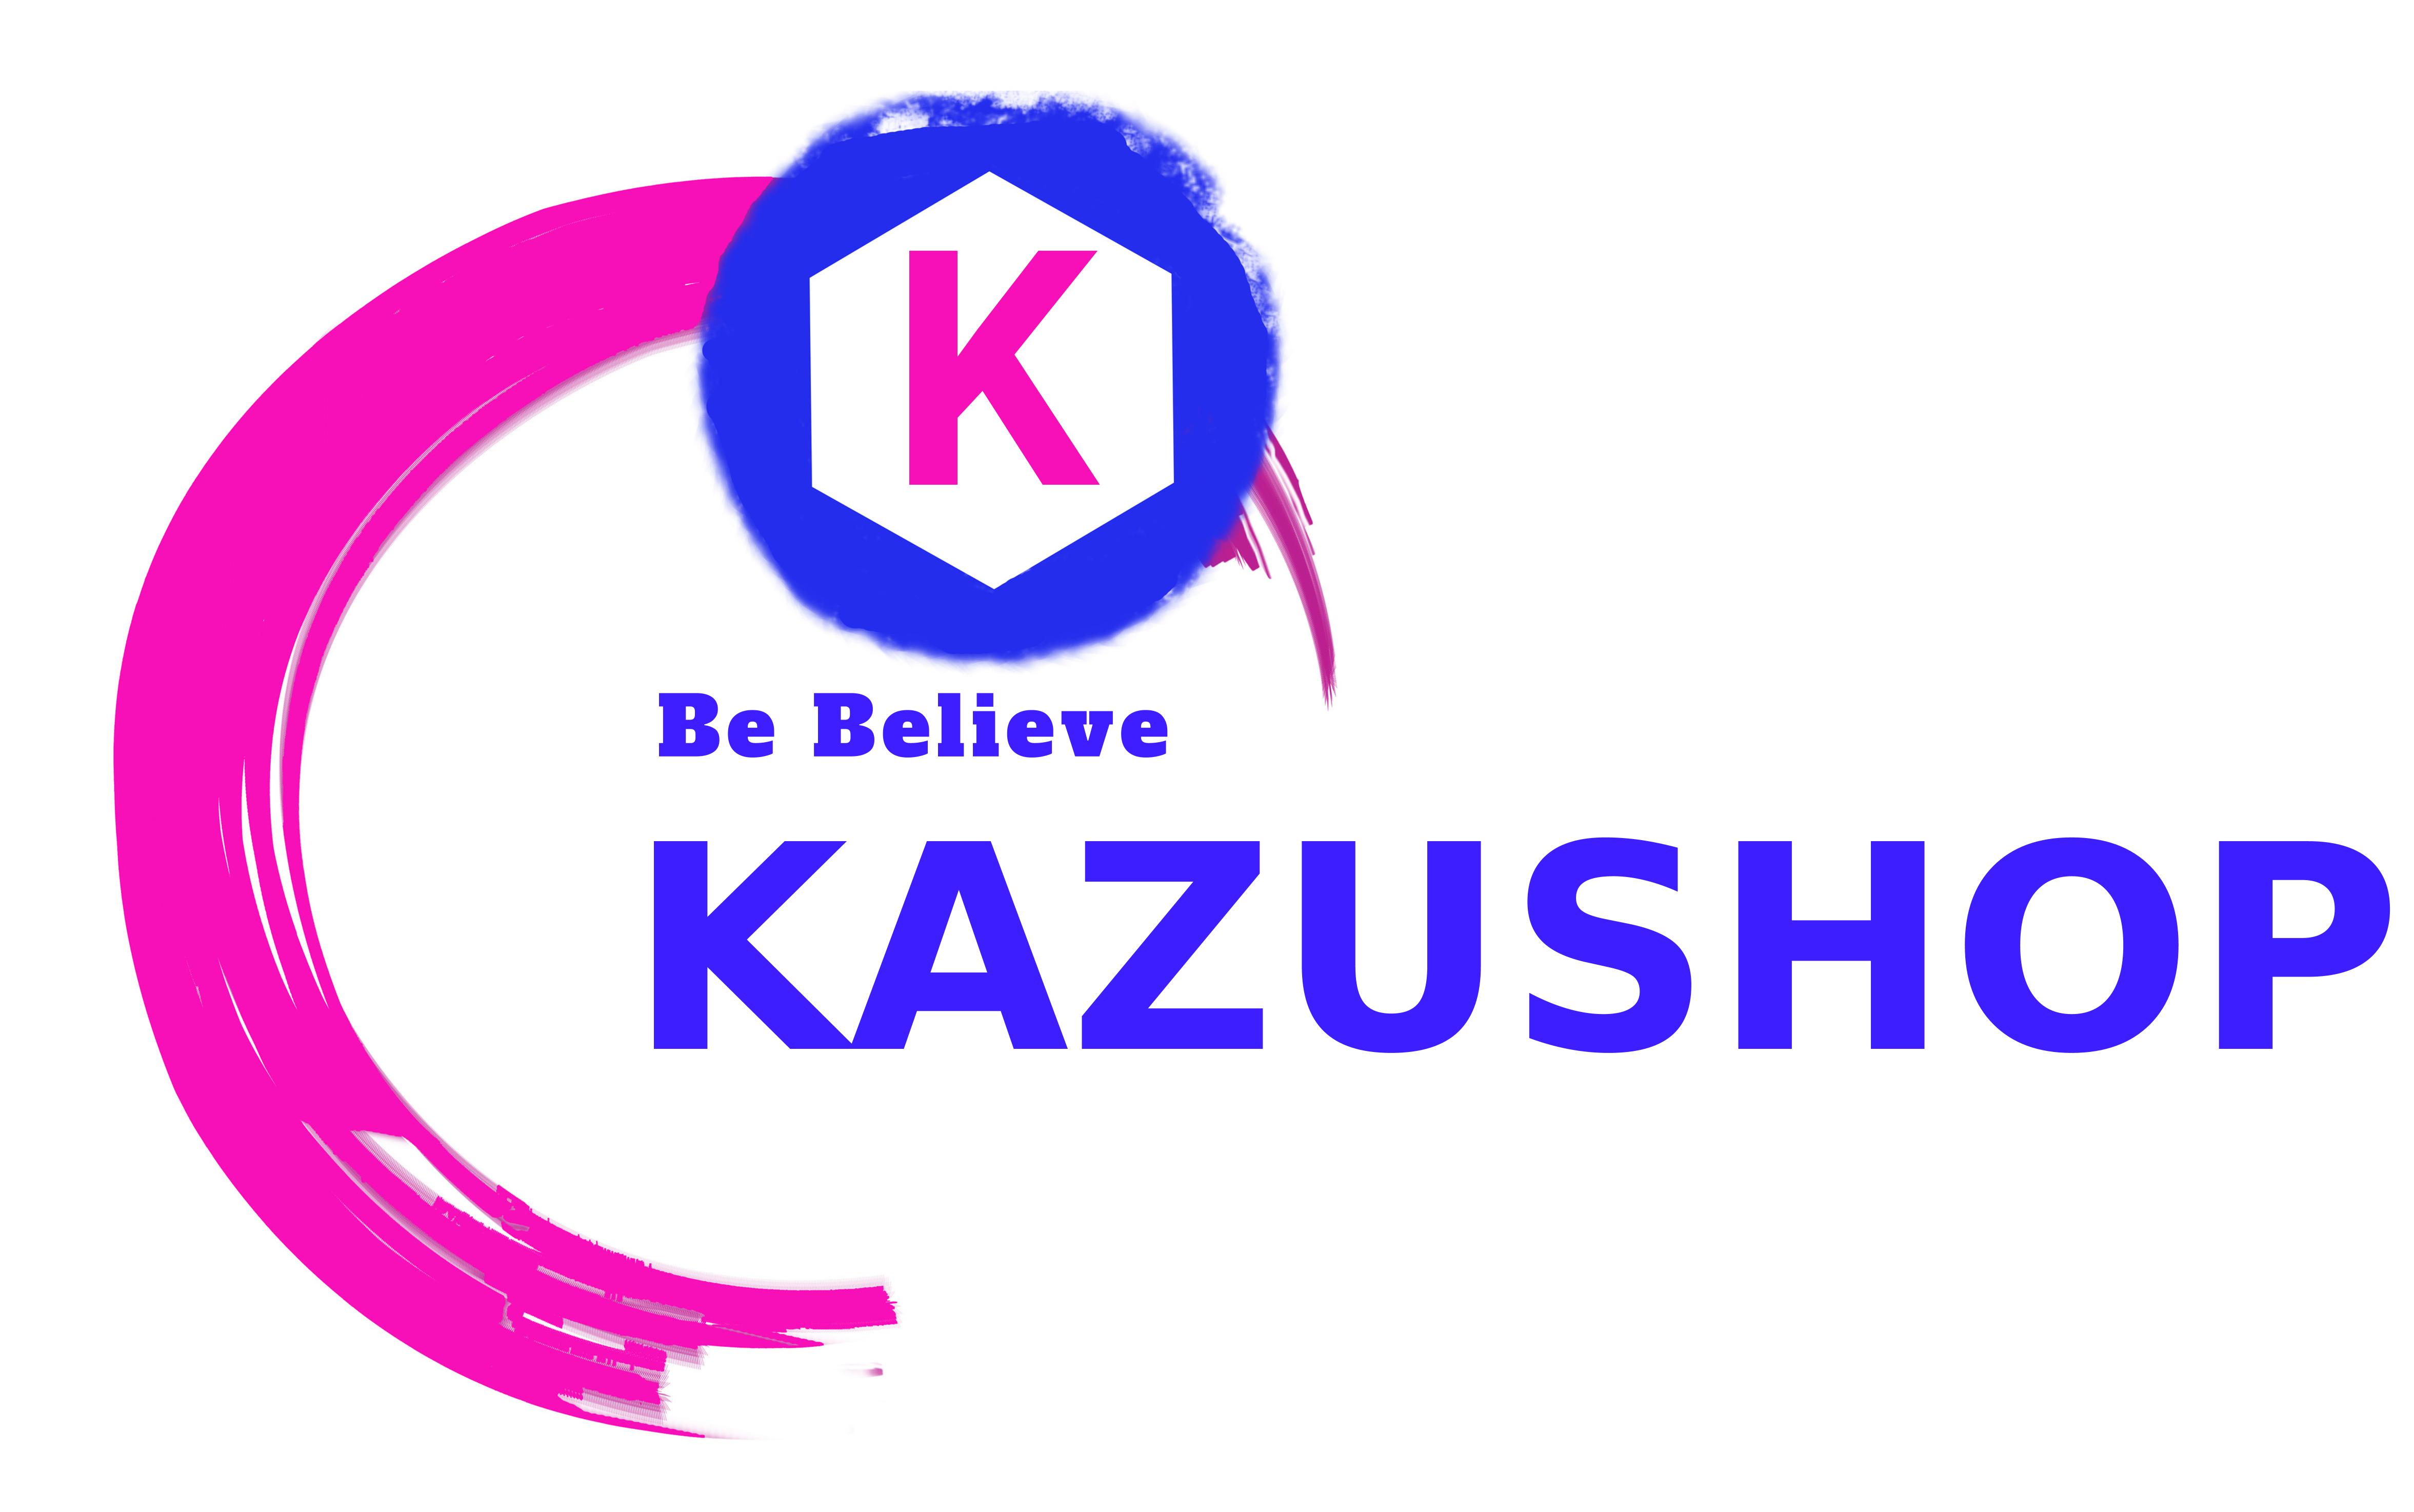 Kazushop